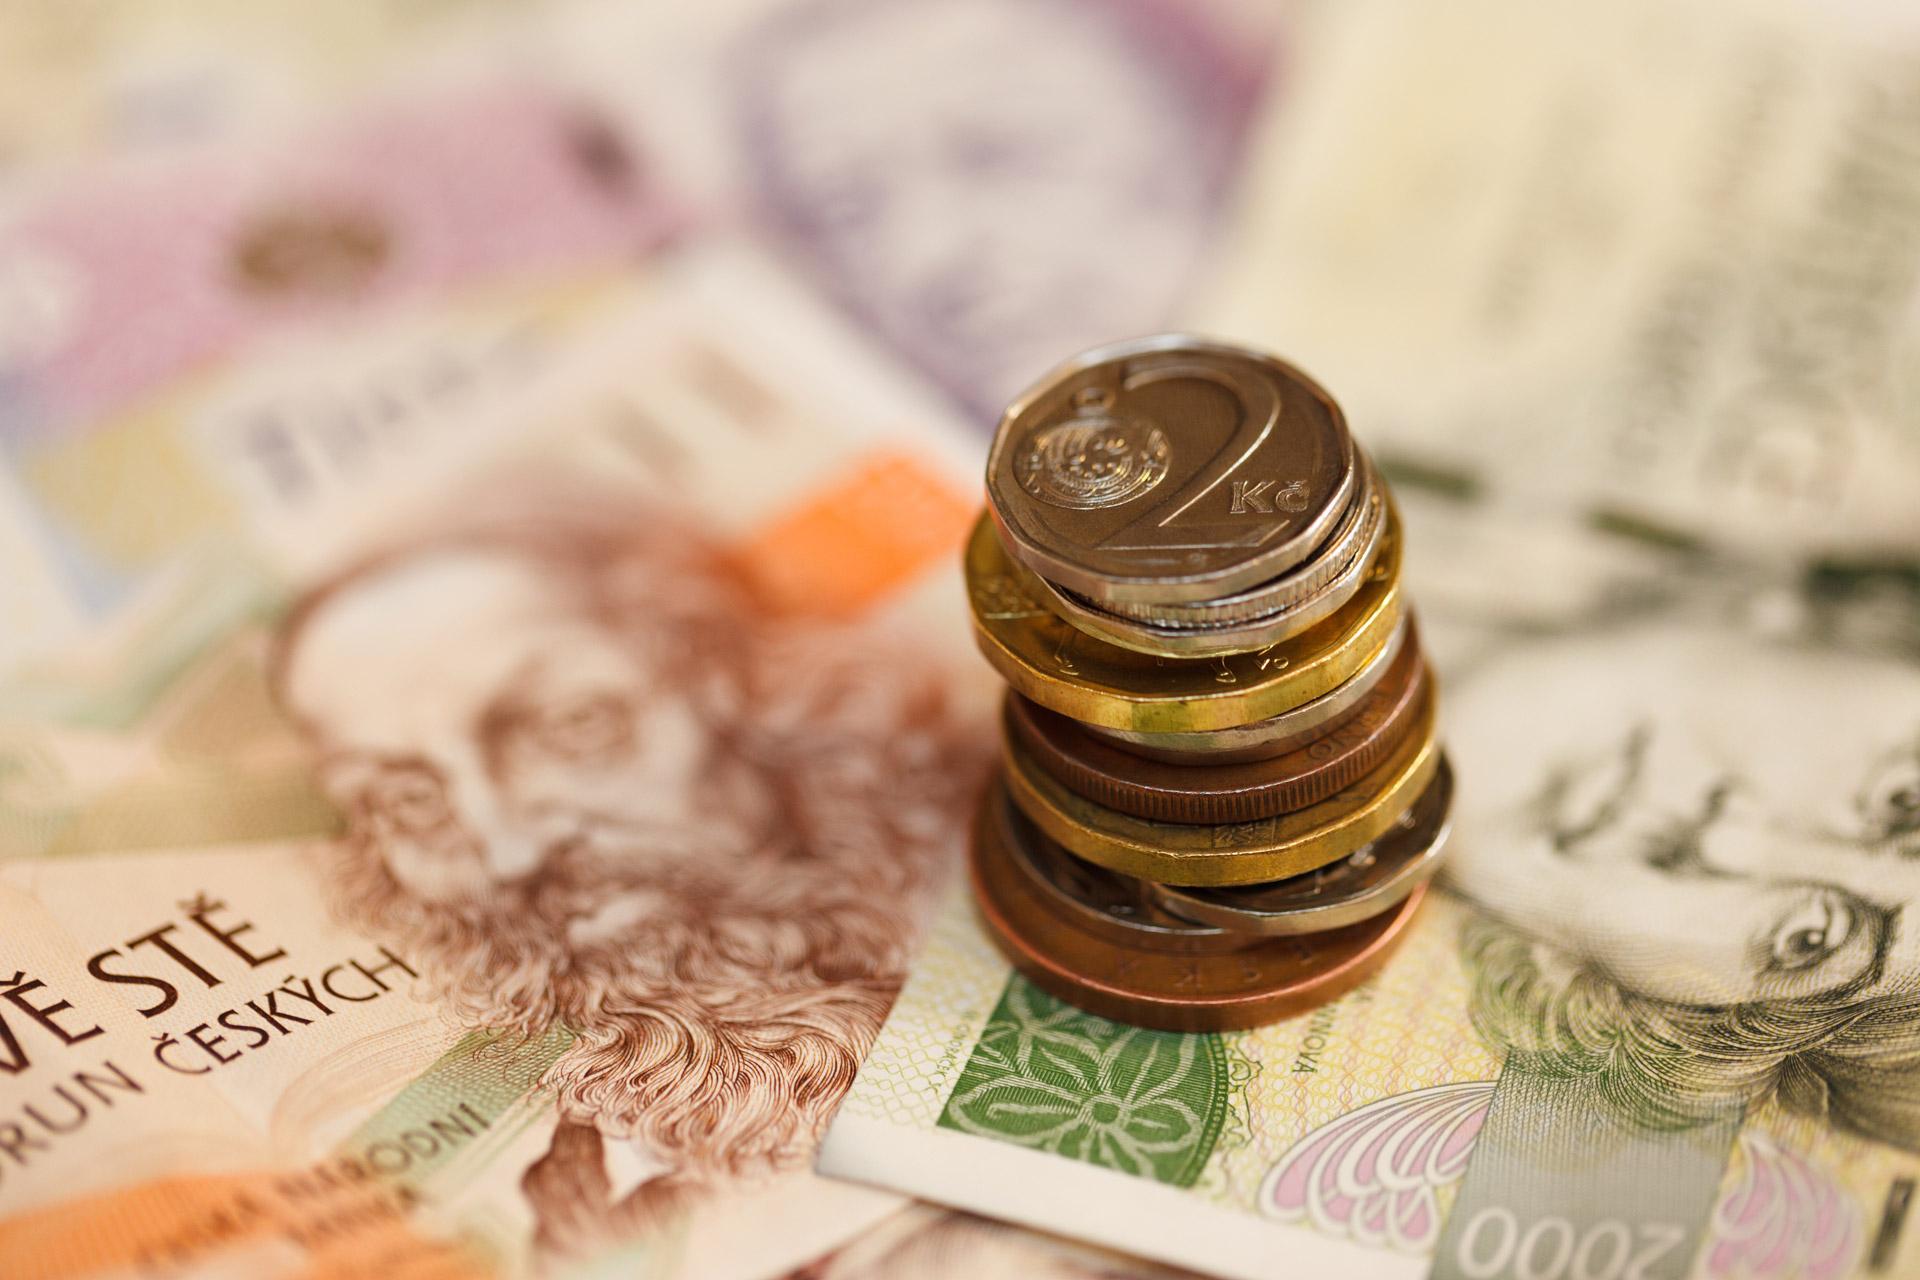 Jak funguje promlčení u půjčky?